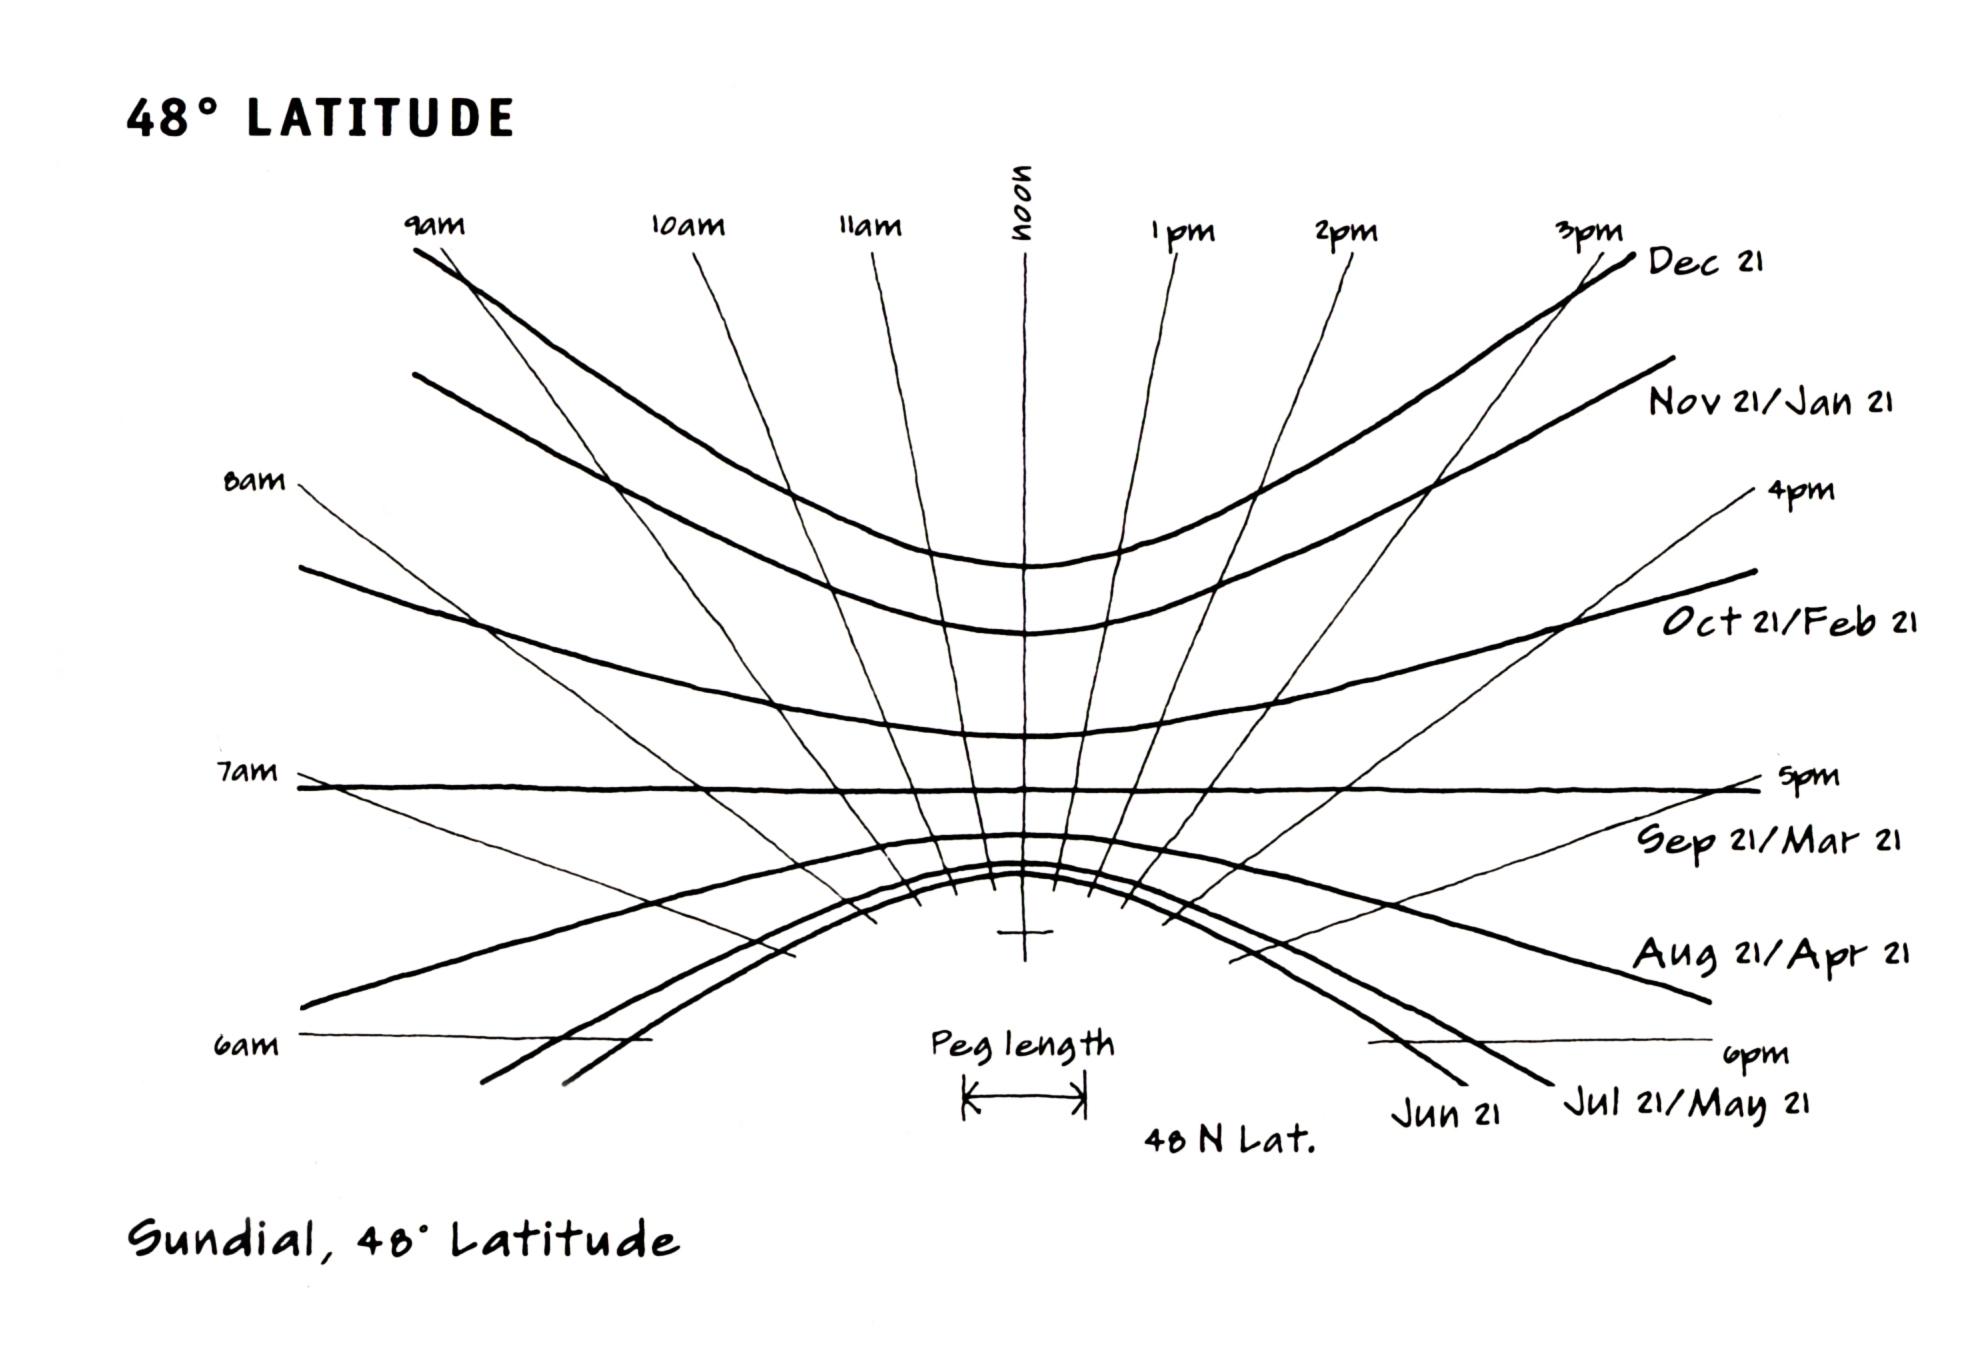 how to read sun path daiagram